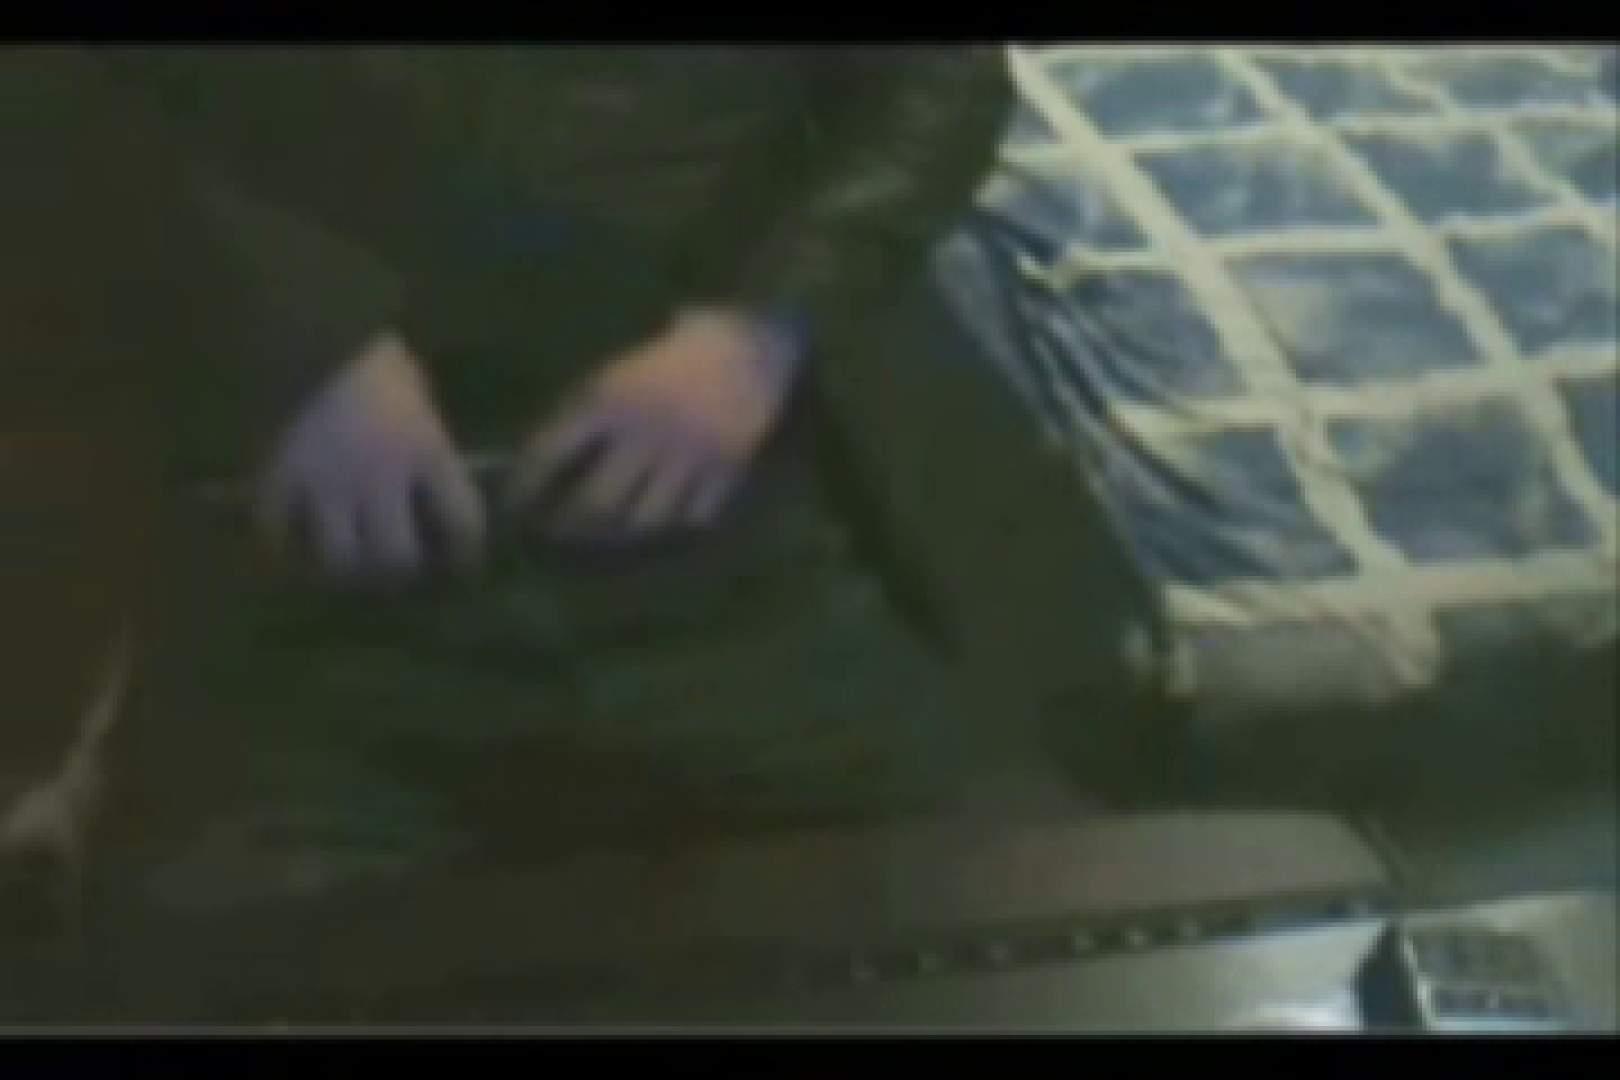 ファイル流出! ! パソコン画面を目の前に自画撮りオナニー チンコ 射精無修正動画 107枚 5